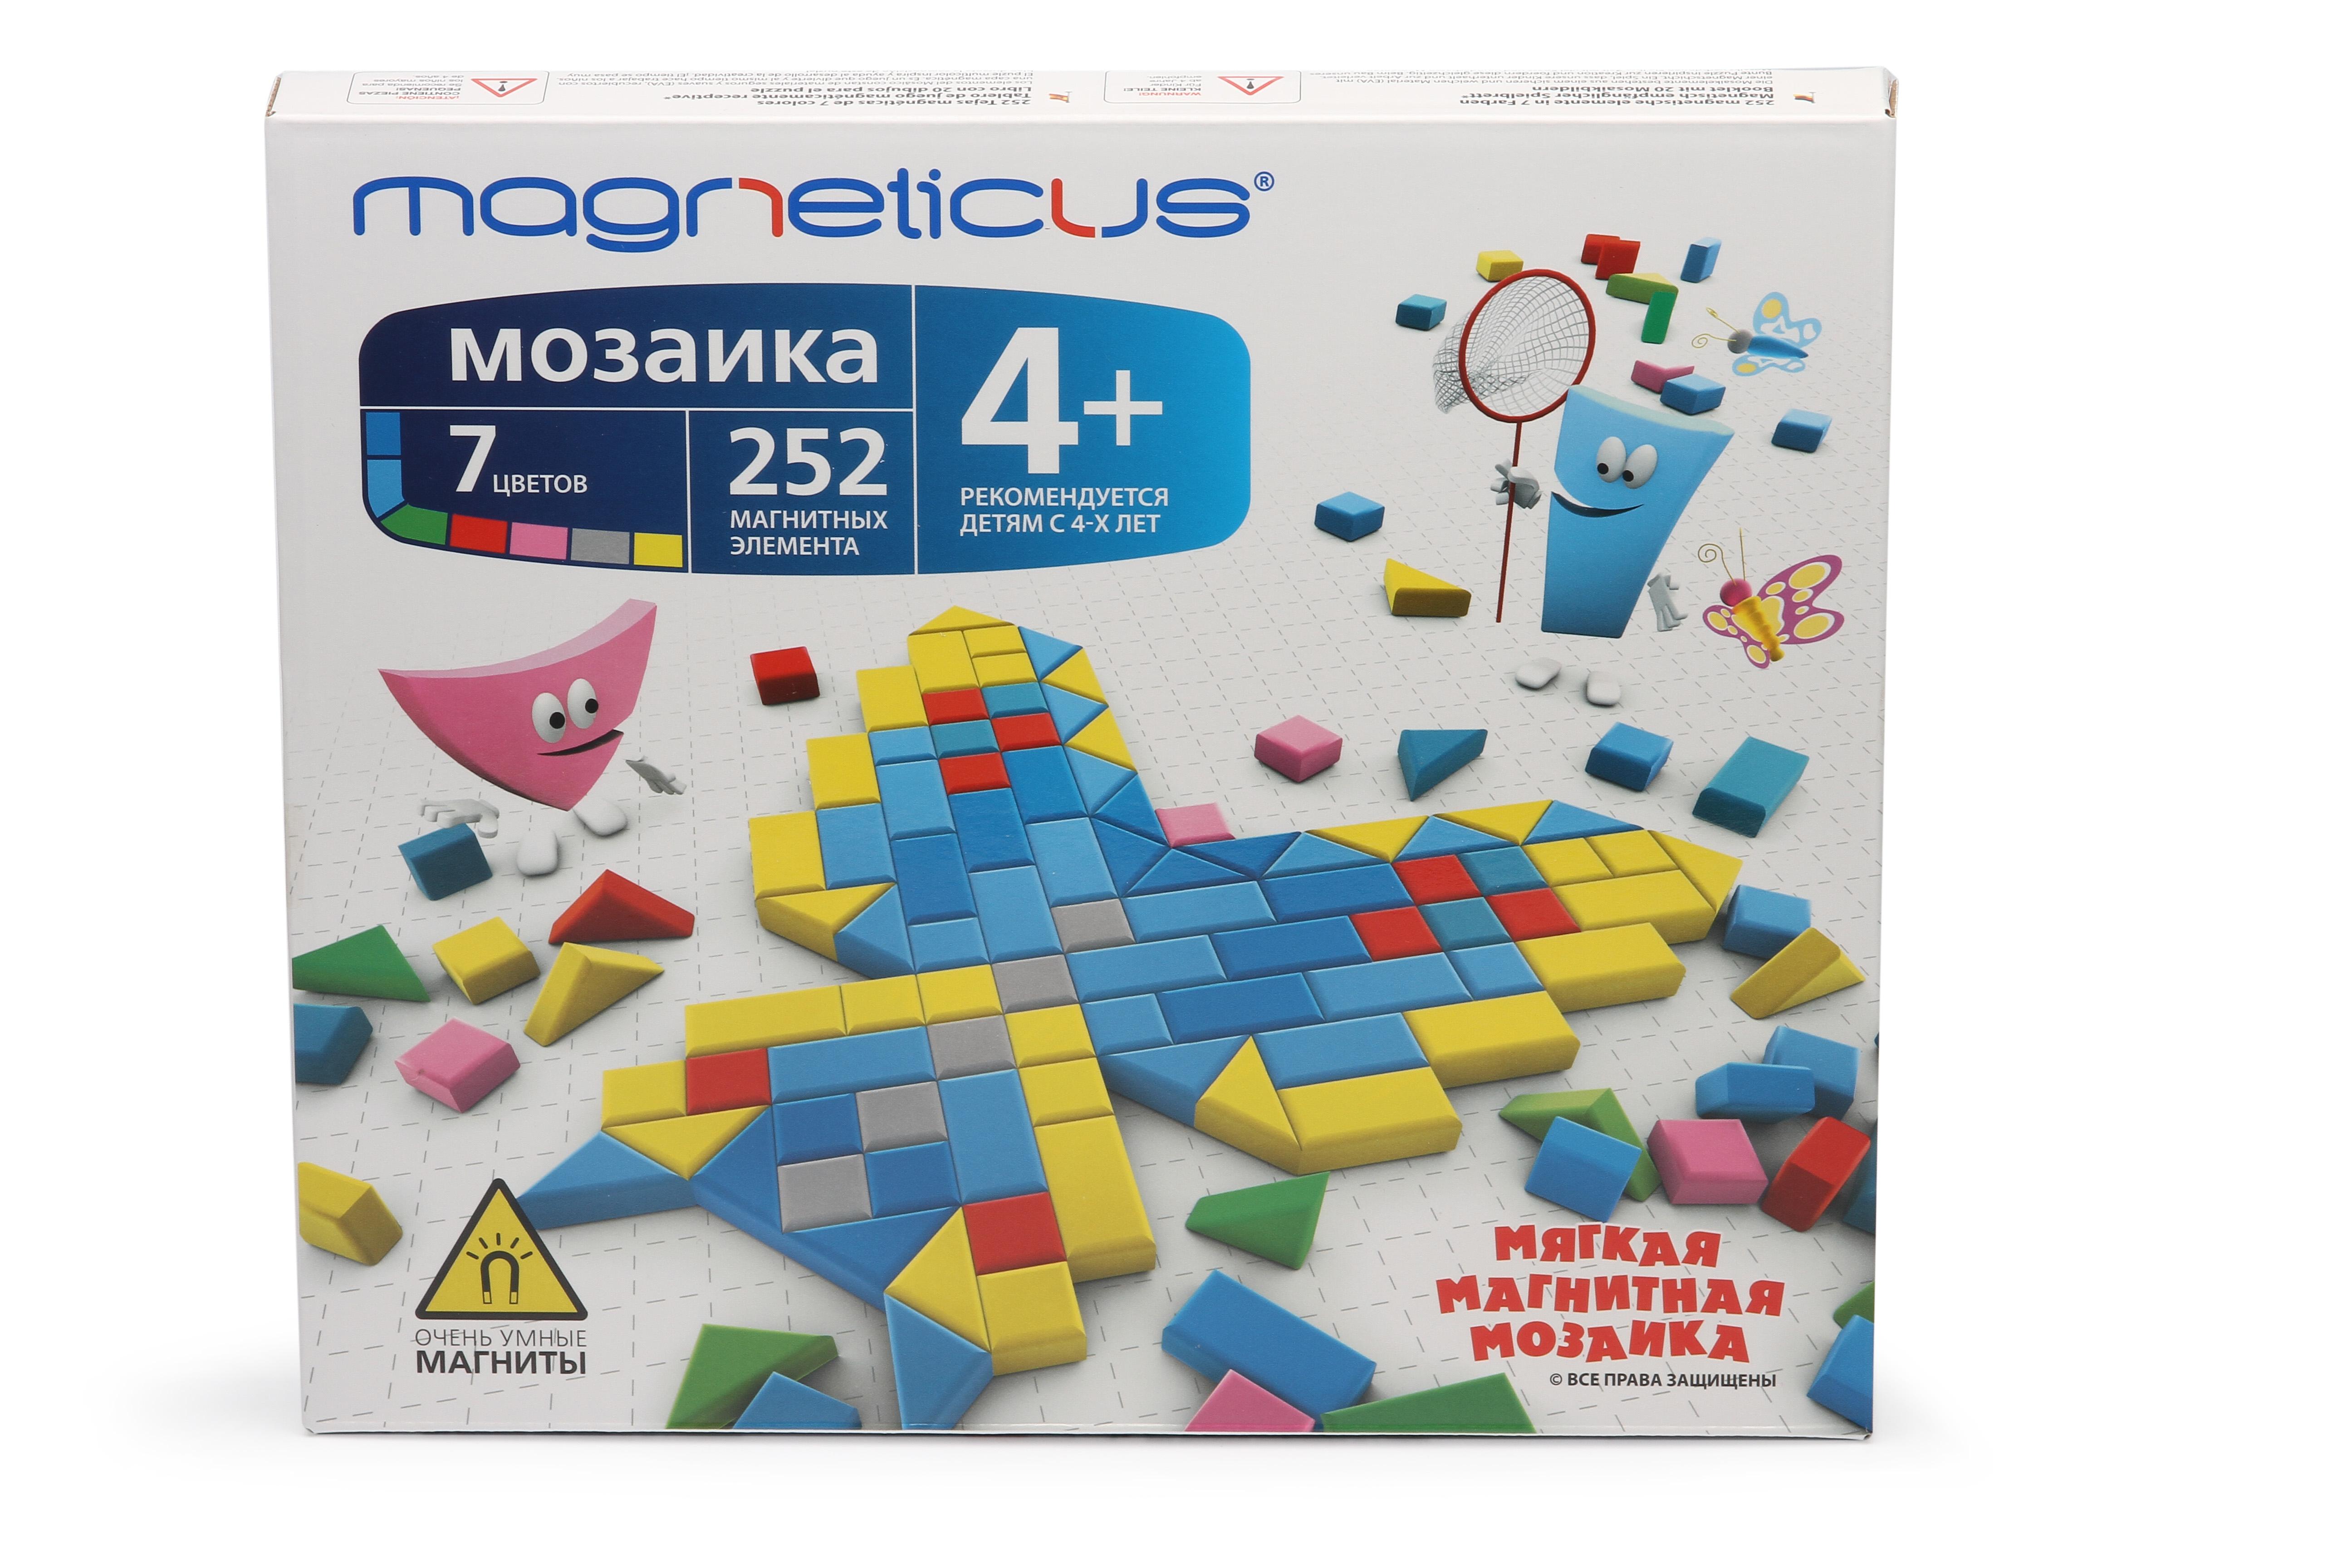 Большая мозаика 252 элемента (7 цветов)